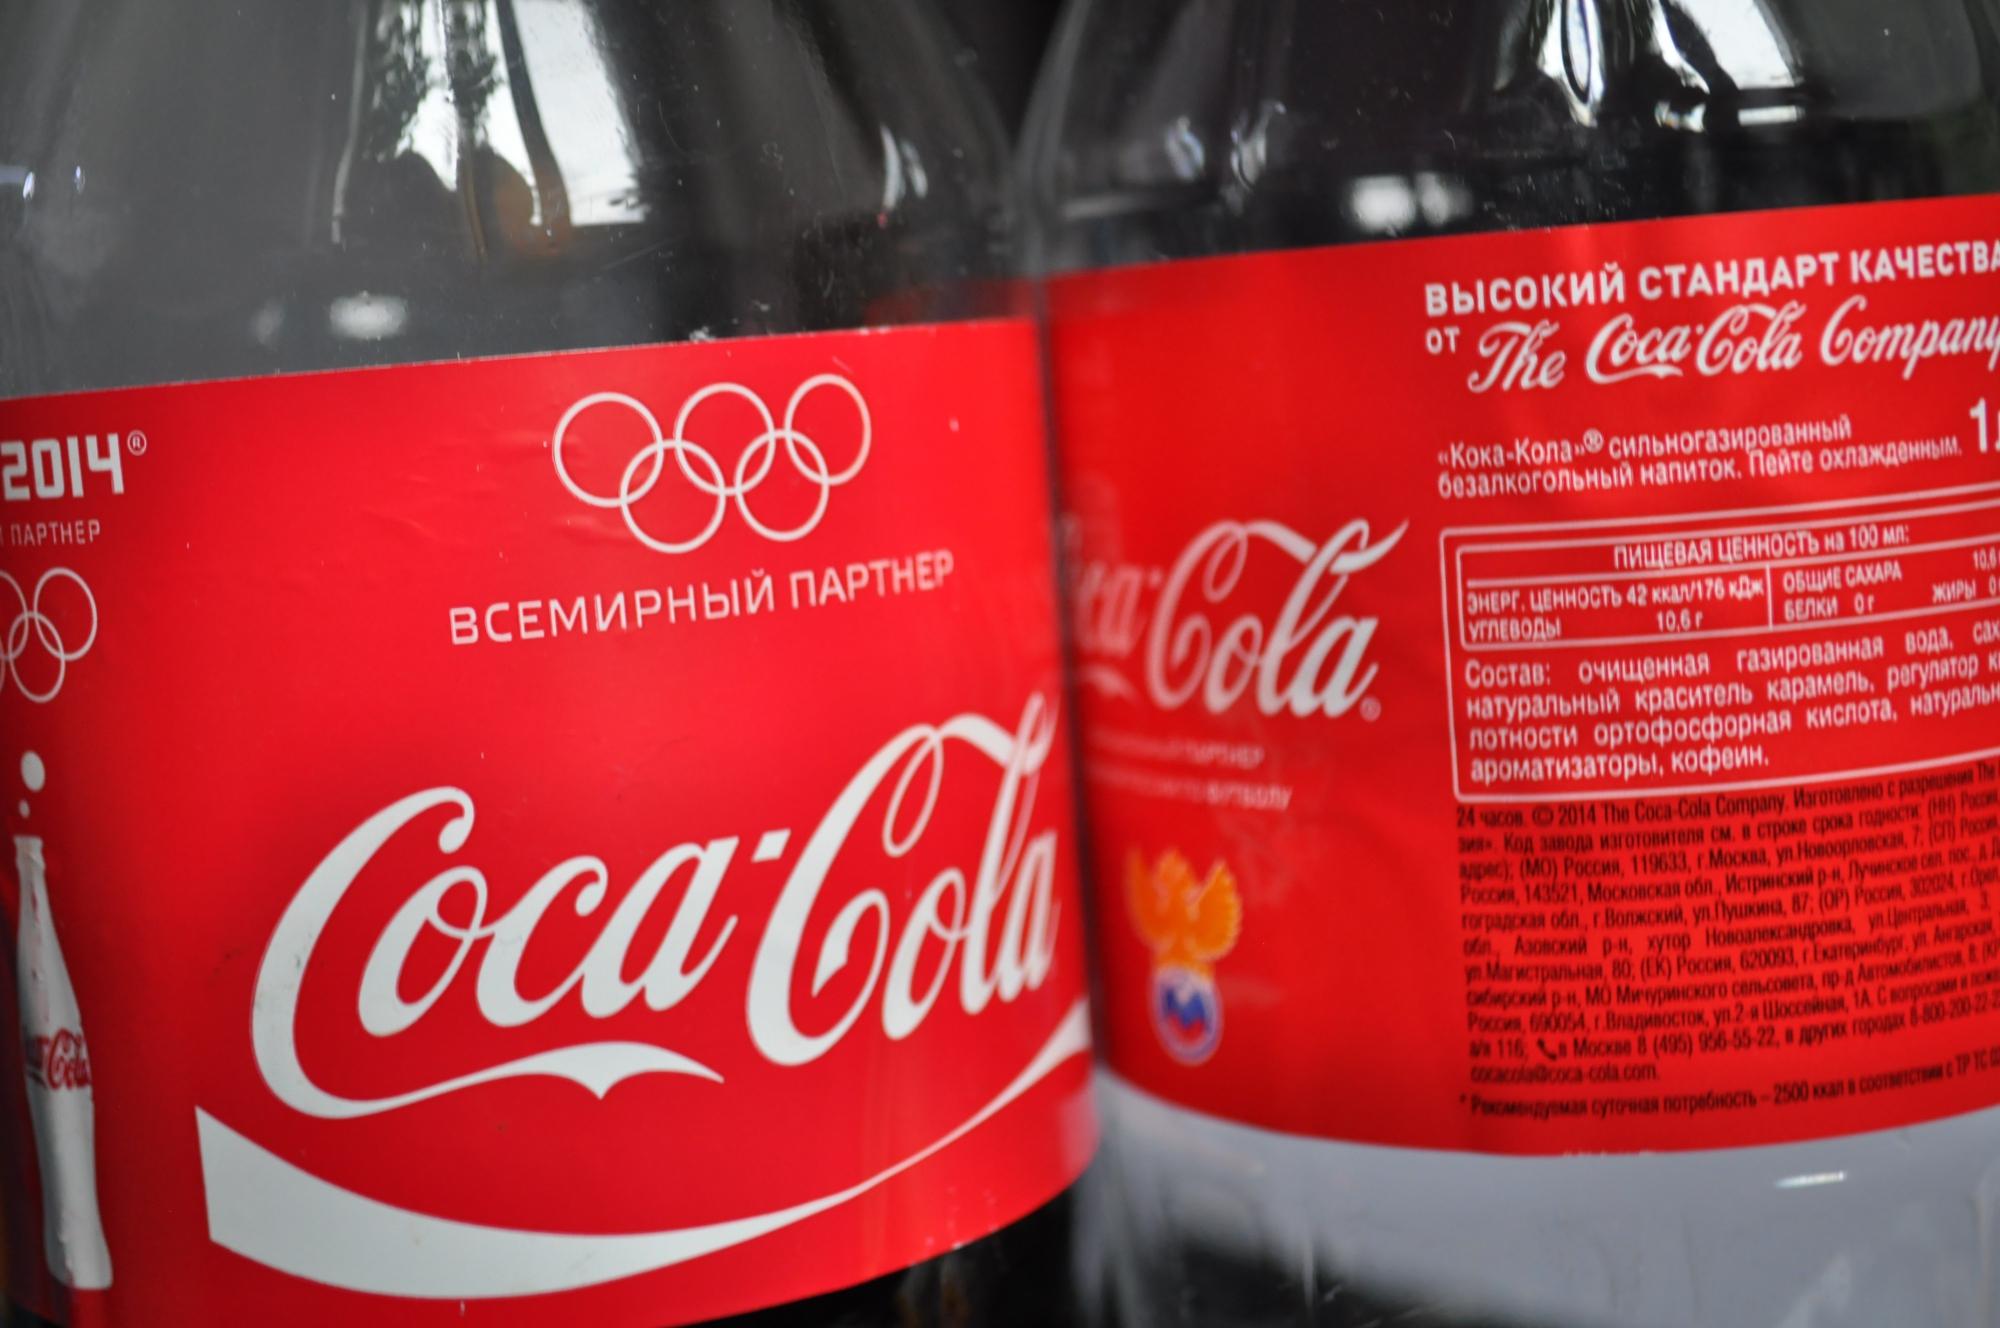 Новая этикетка кока колы coca cola cane sugar stevia что это